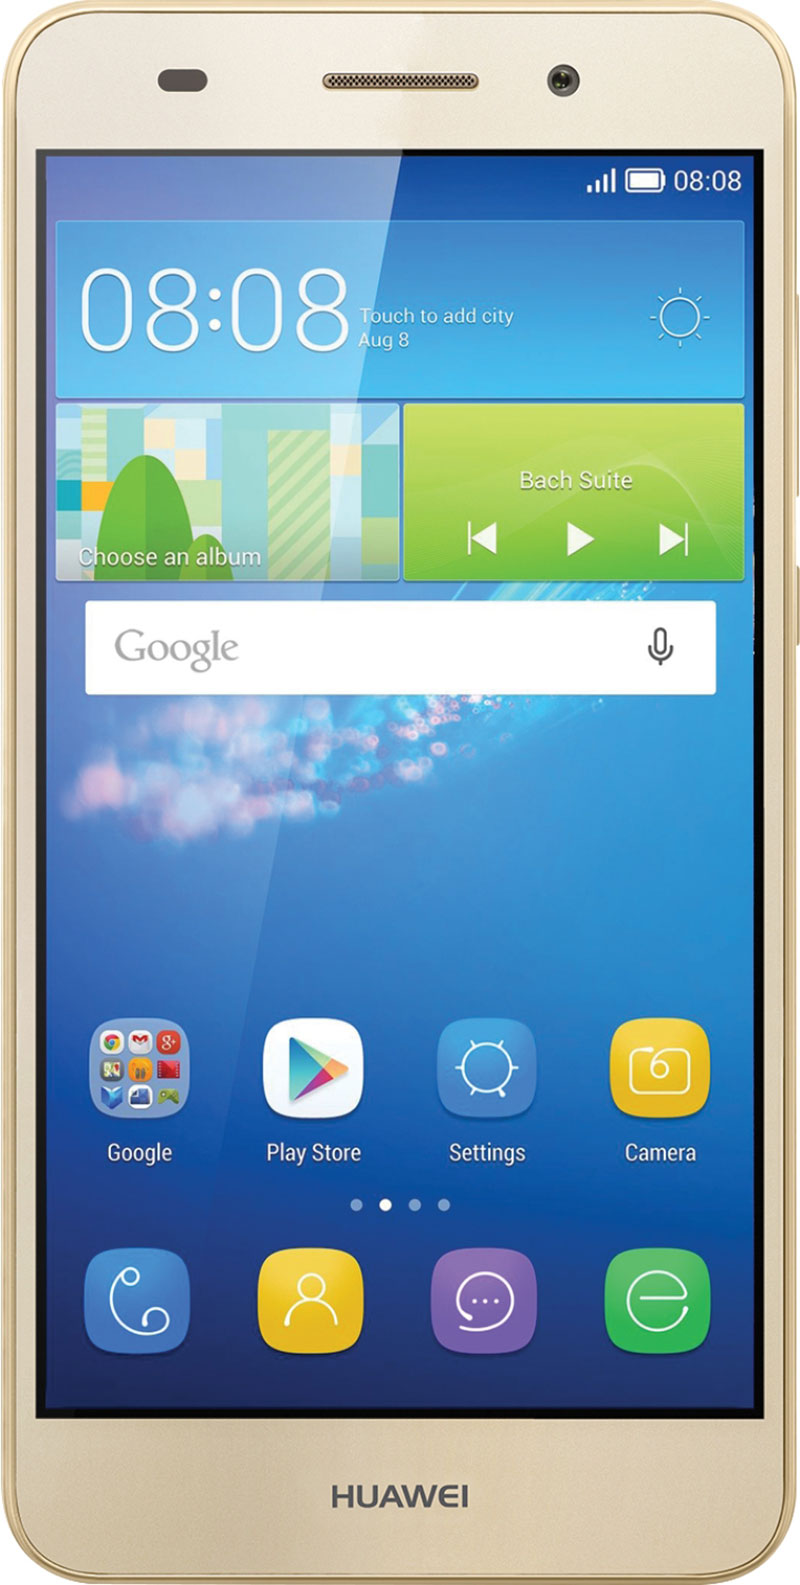 Huawei launches Y6 II